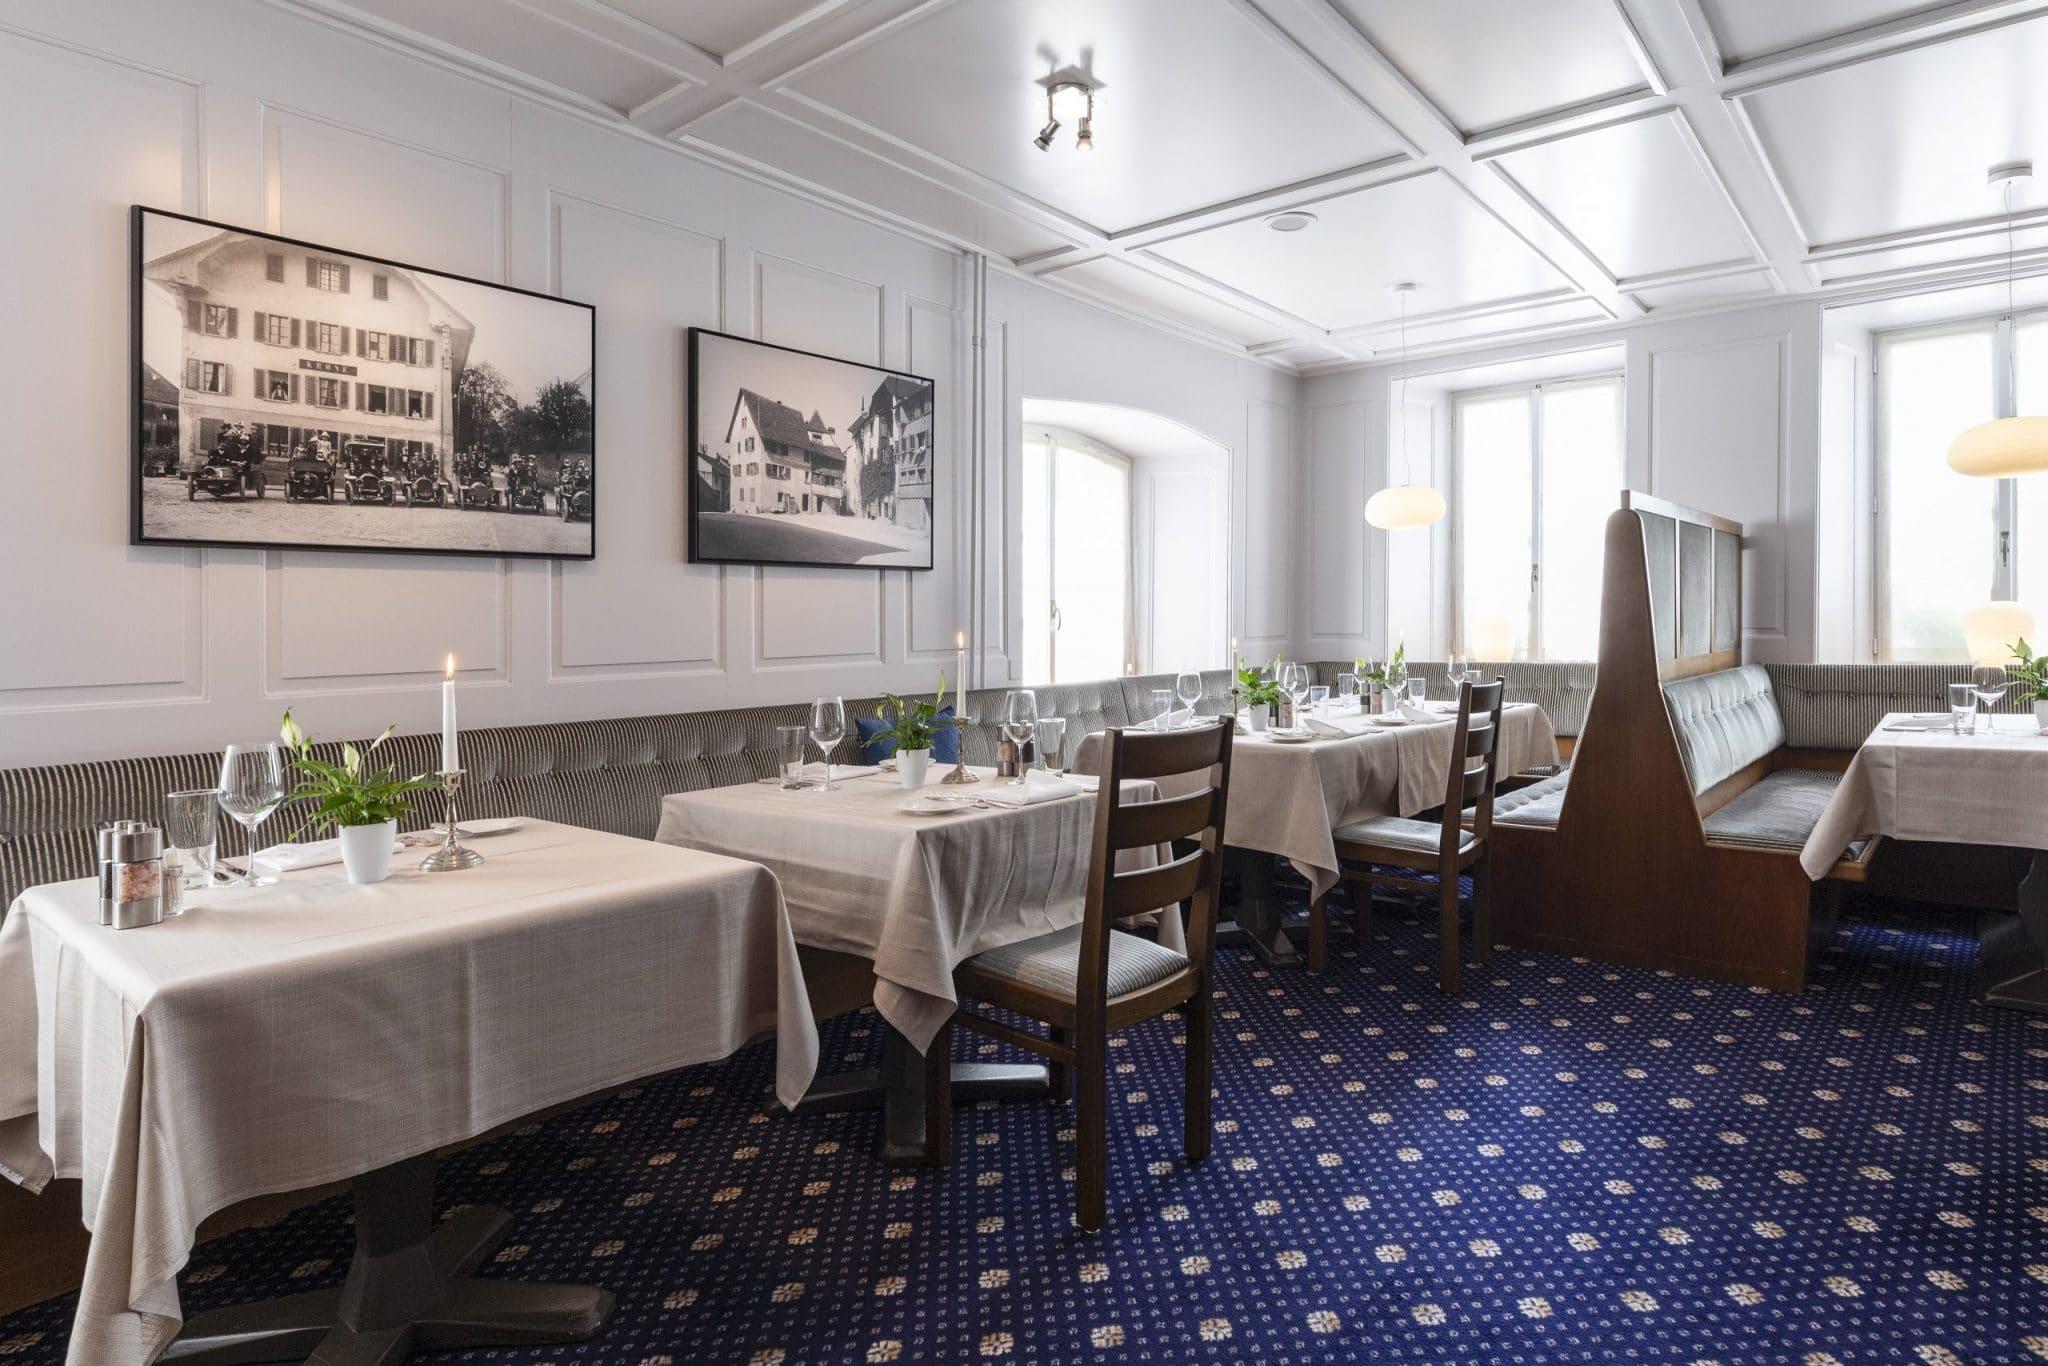 Hotel Krone Restaurant